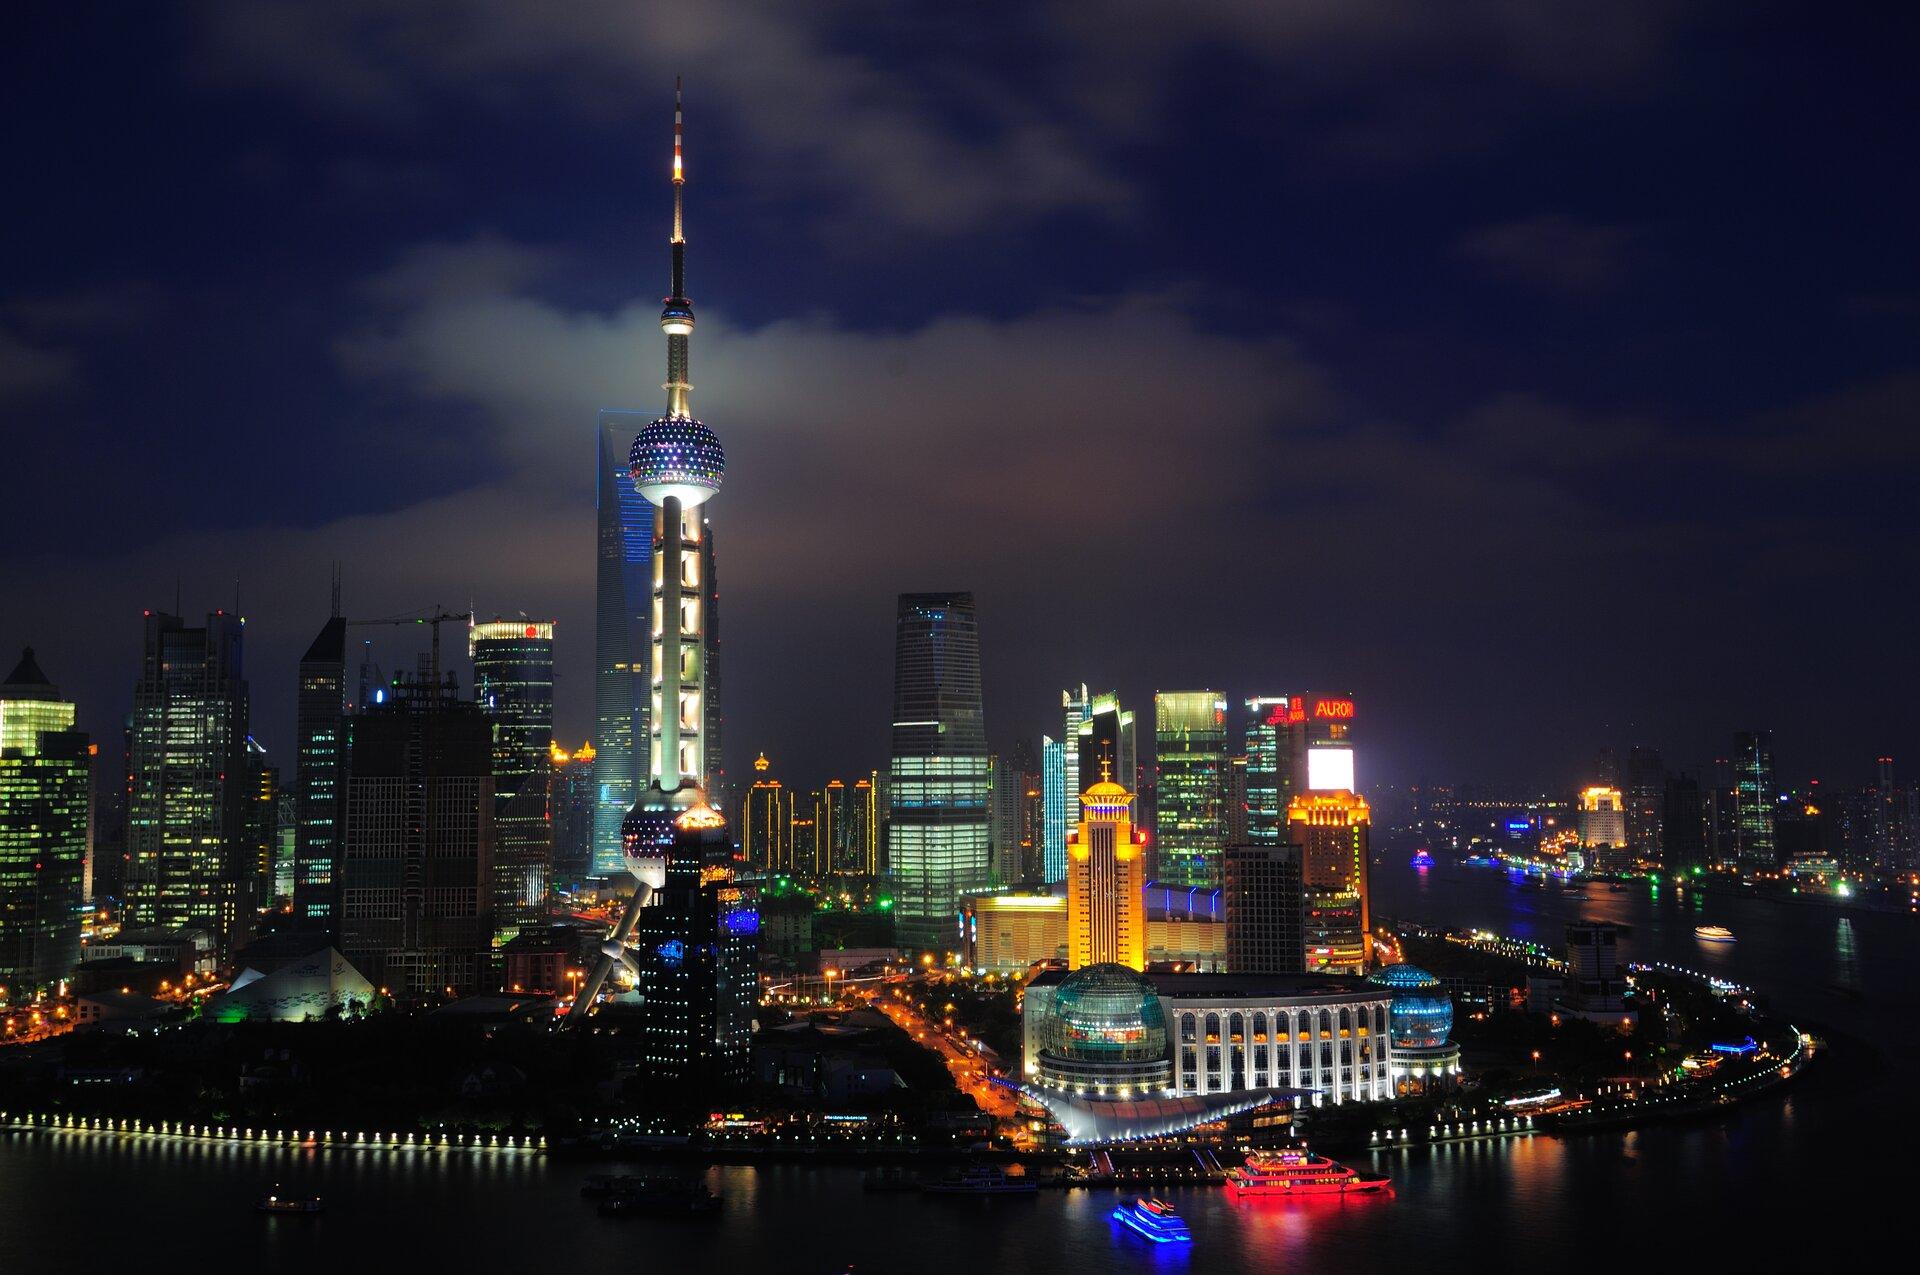 Na zdjęciu nowoczesne budynki, noc, kolorowe oświetlenie.